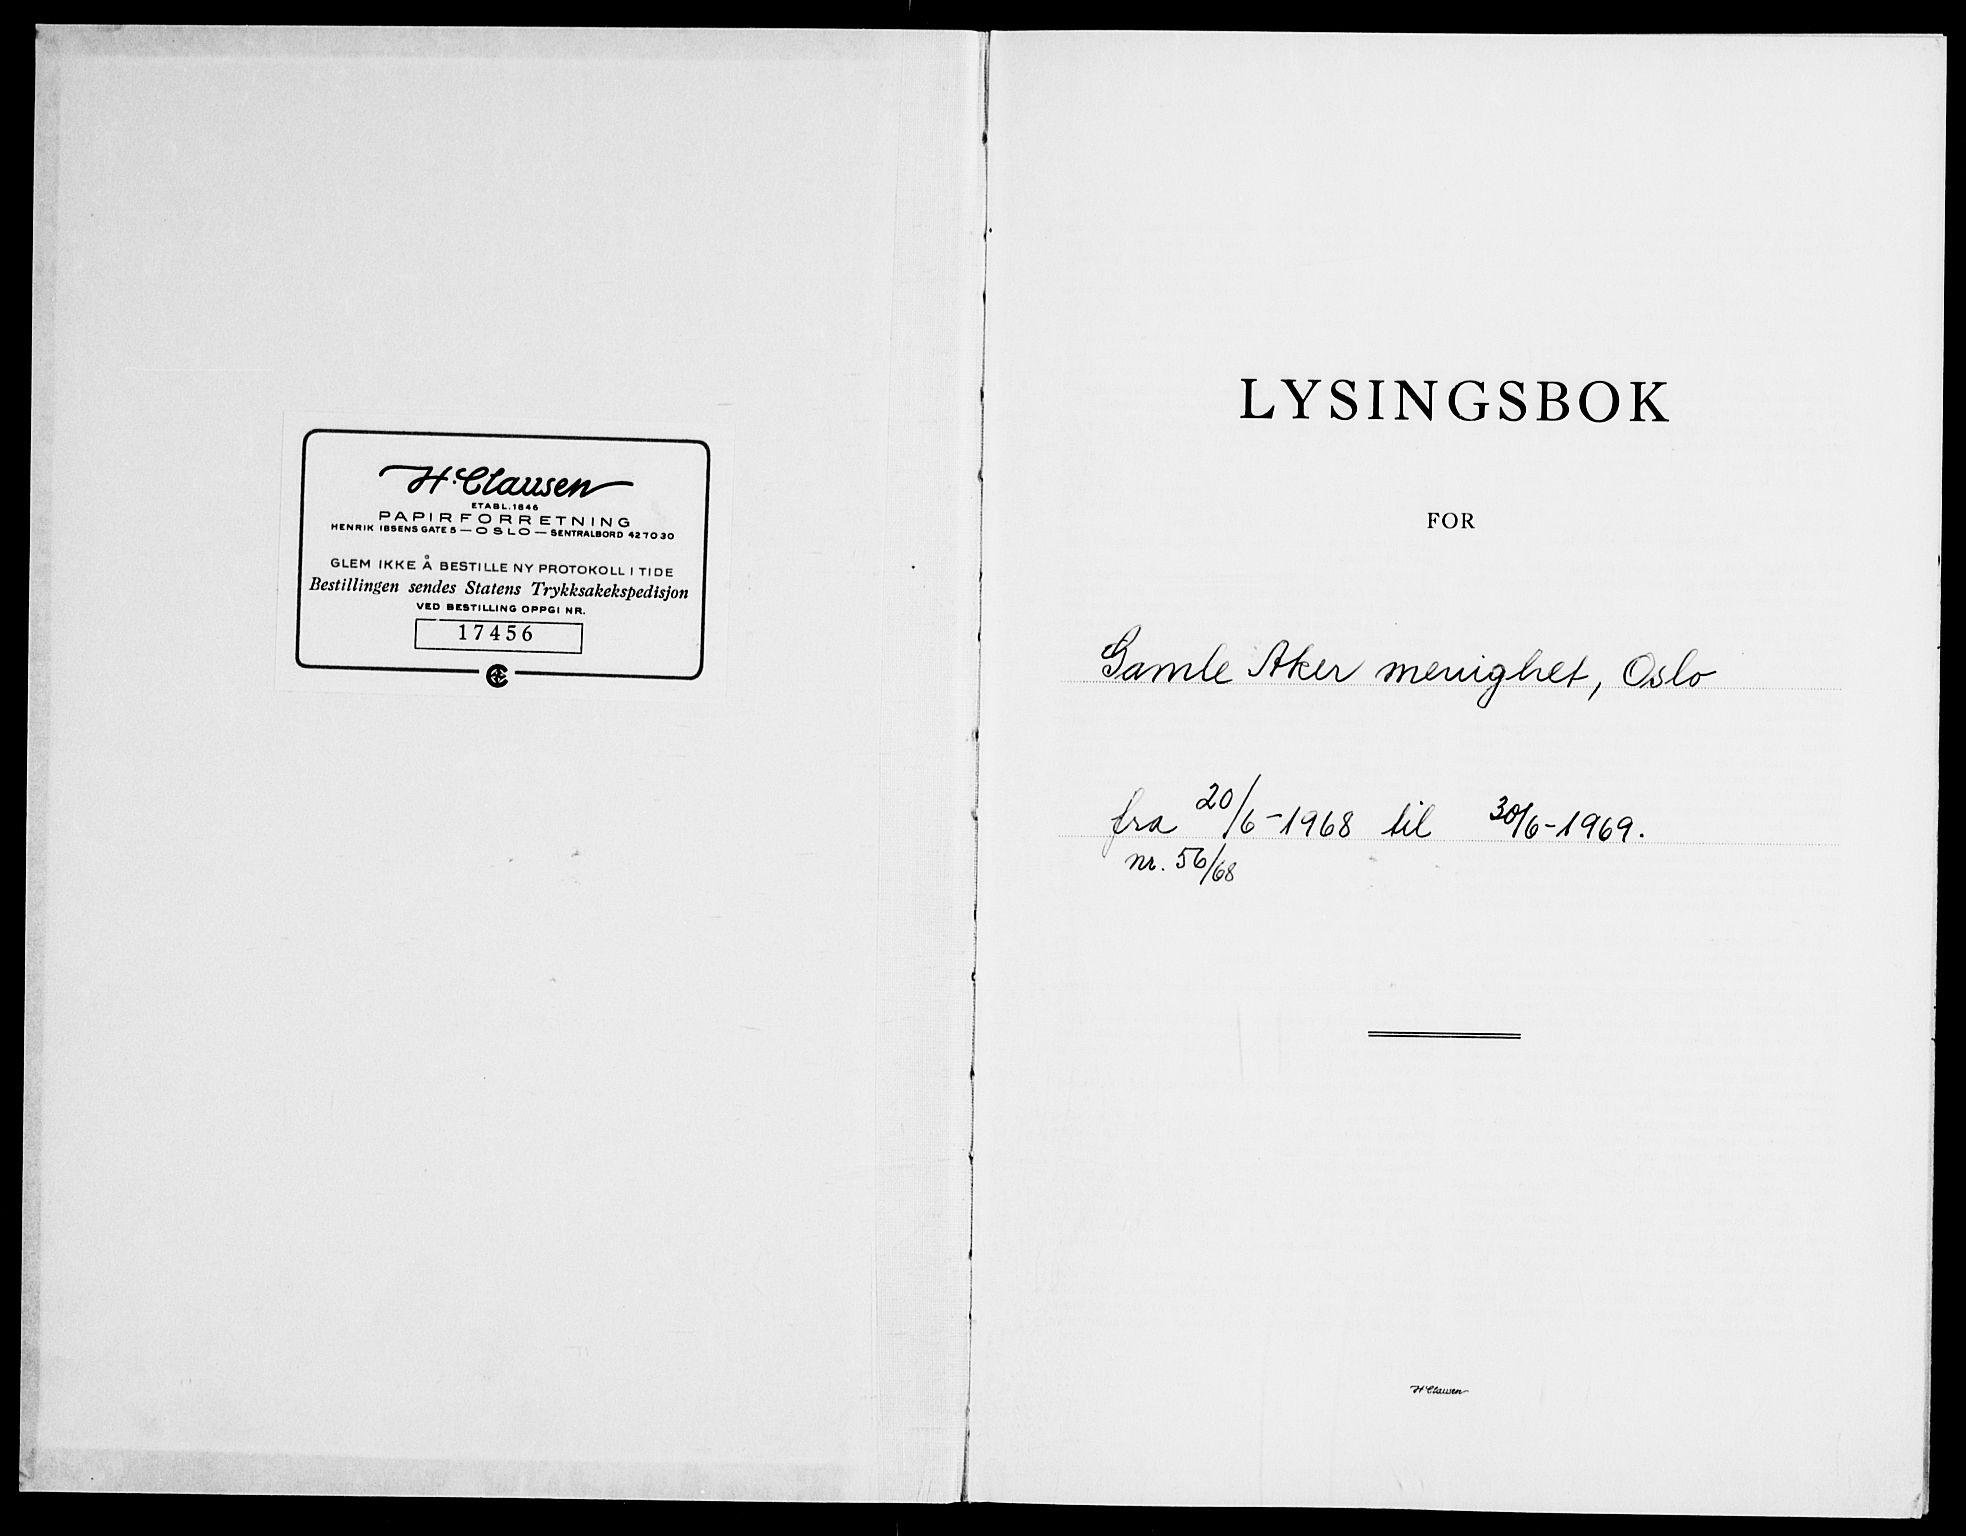 SAO, Gamle Aker prestekontor Kirkebøker, H/L0013: Lysningsprotokoll nr. 13, 1968-1969